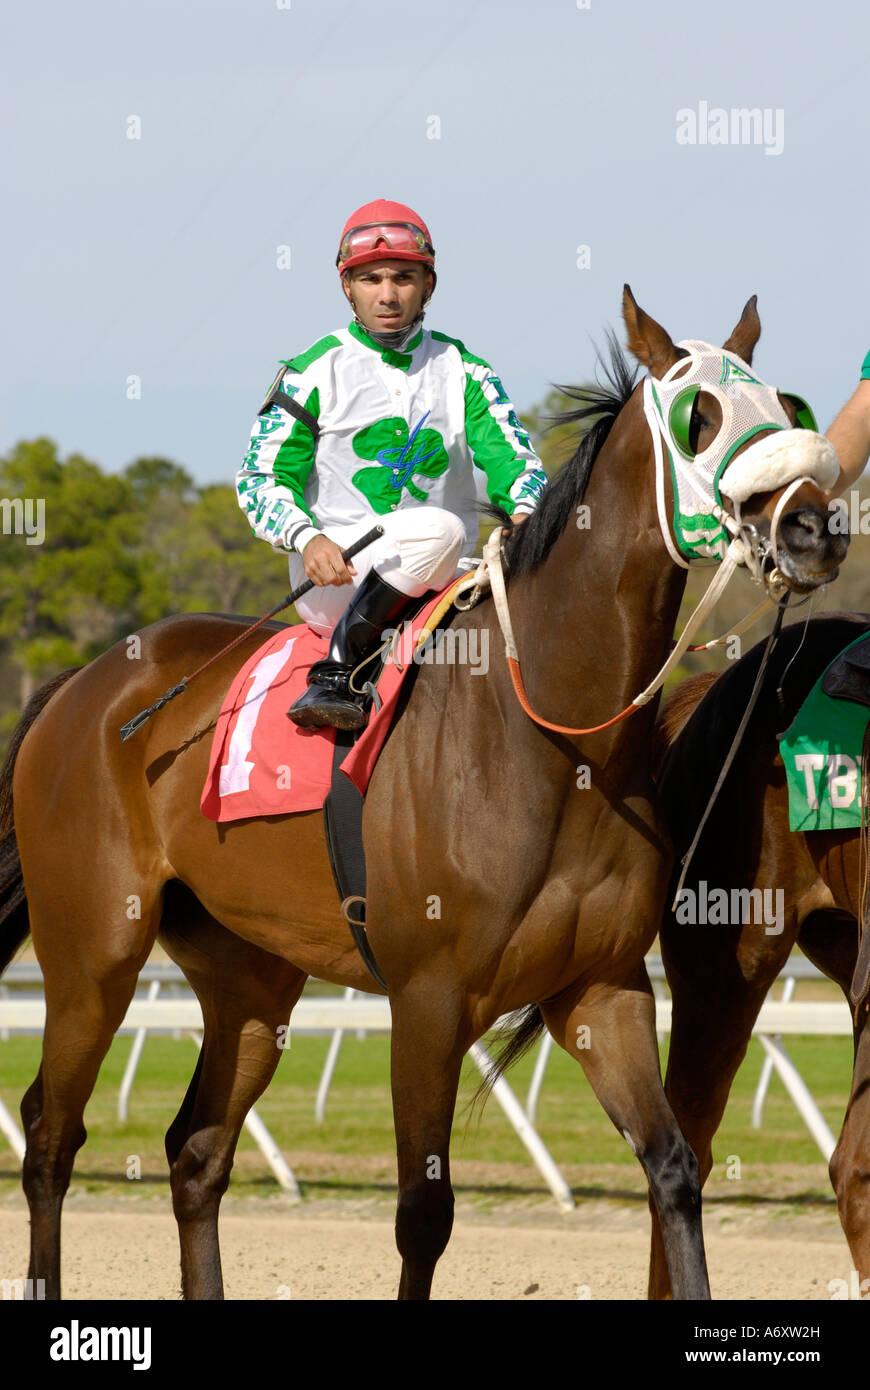 Corse di cavalli purosangue Tampa Bay Downs Florida FL Tampa Immagini Stock